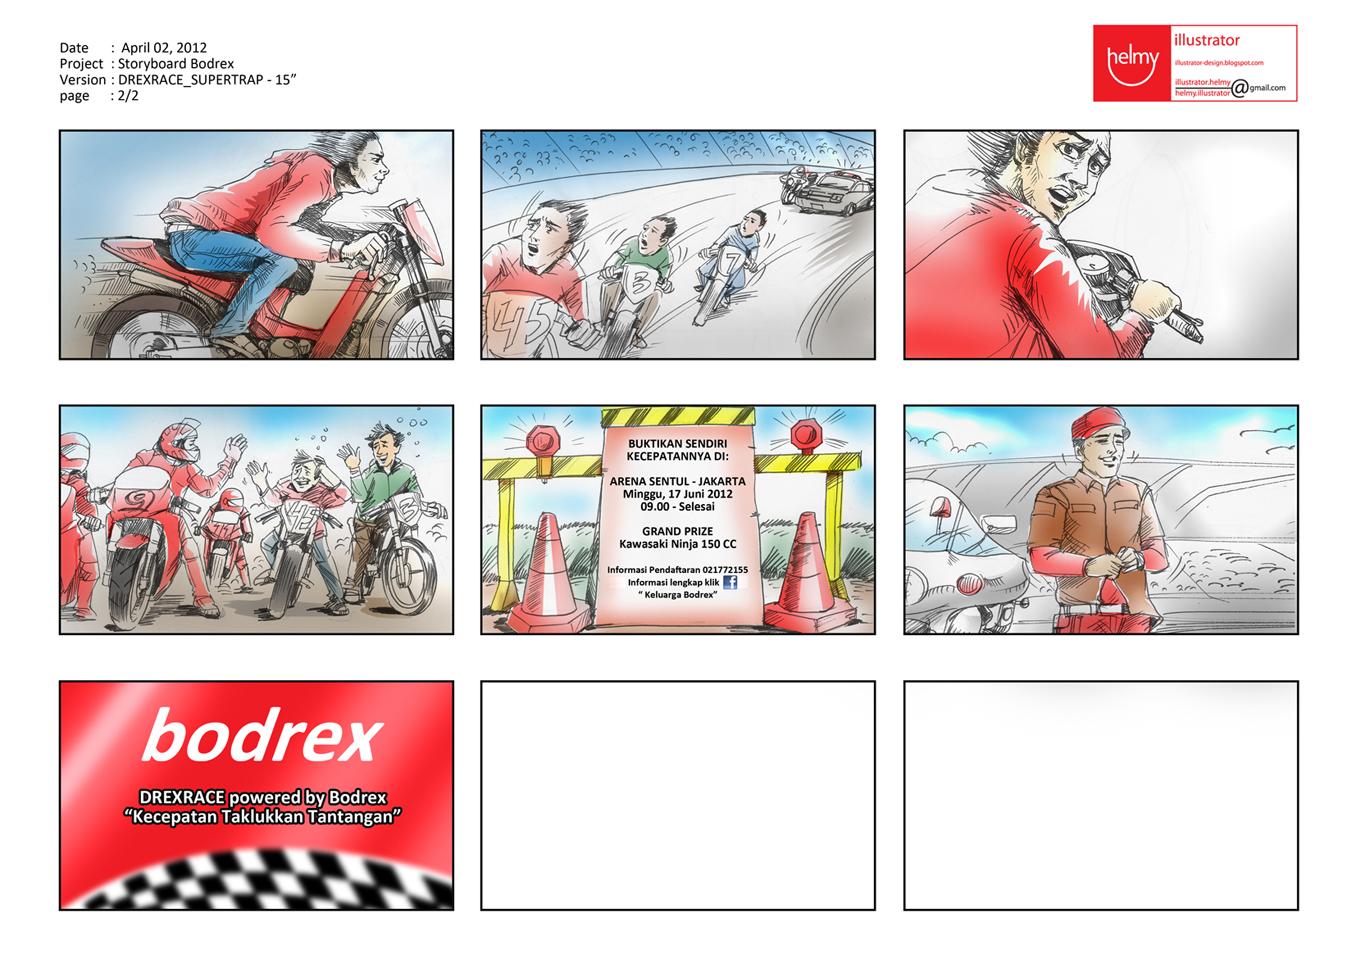 Info Harga Bodrek Termurah 2018 Lingerie Sexi Cd Epxtrem Ghost Illustrator Bodrex